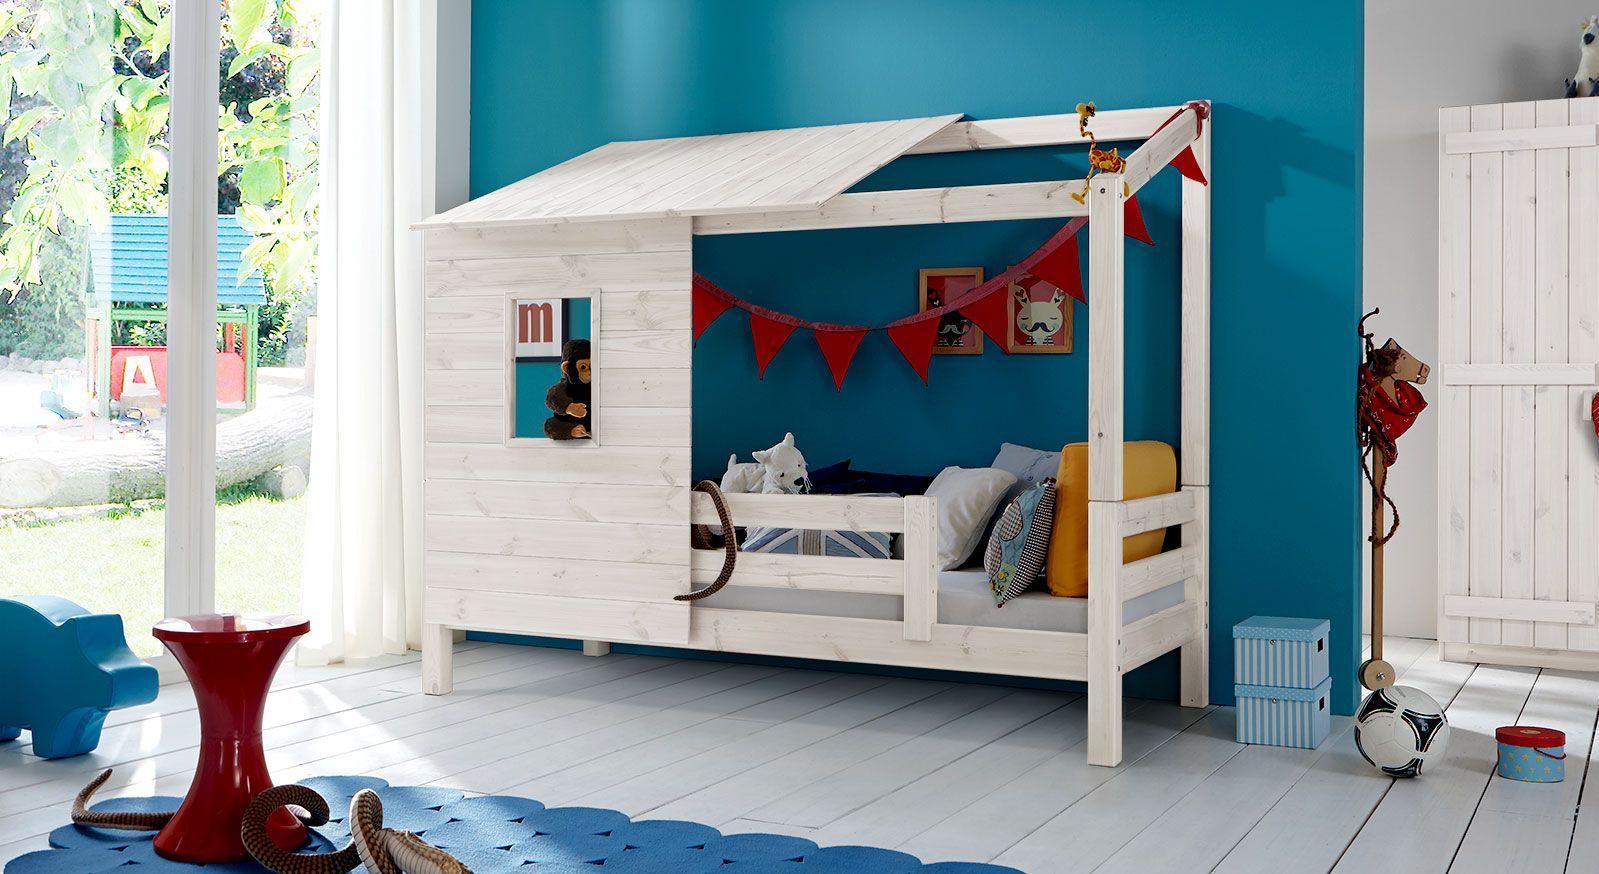 Abenteuerbett Kids Paradise aus Massivholz in Weiß, unifarben